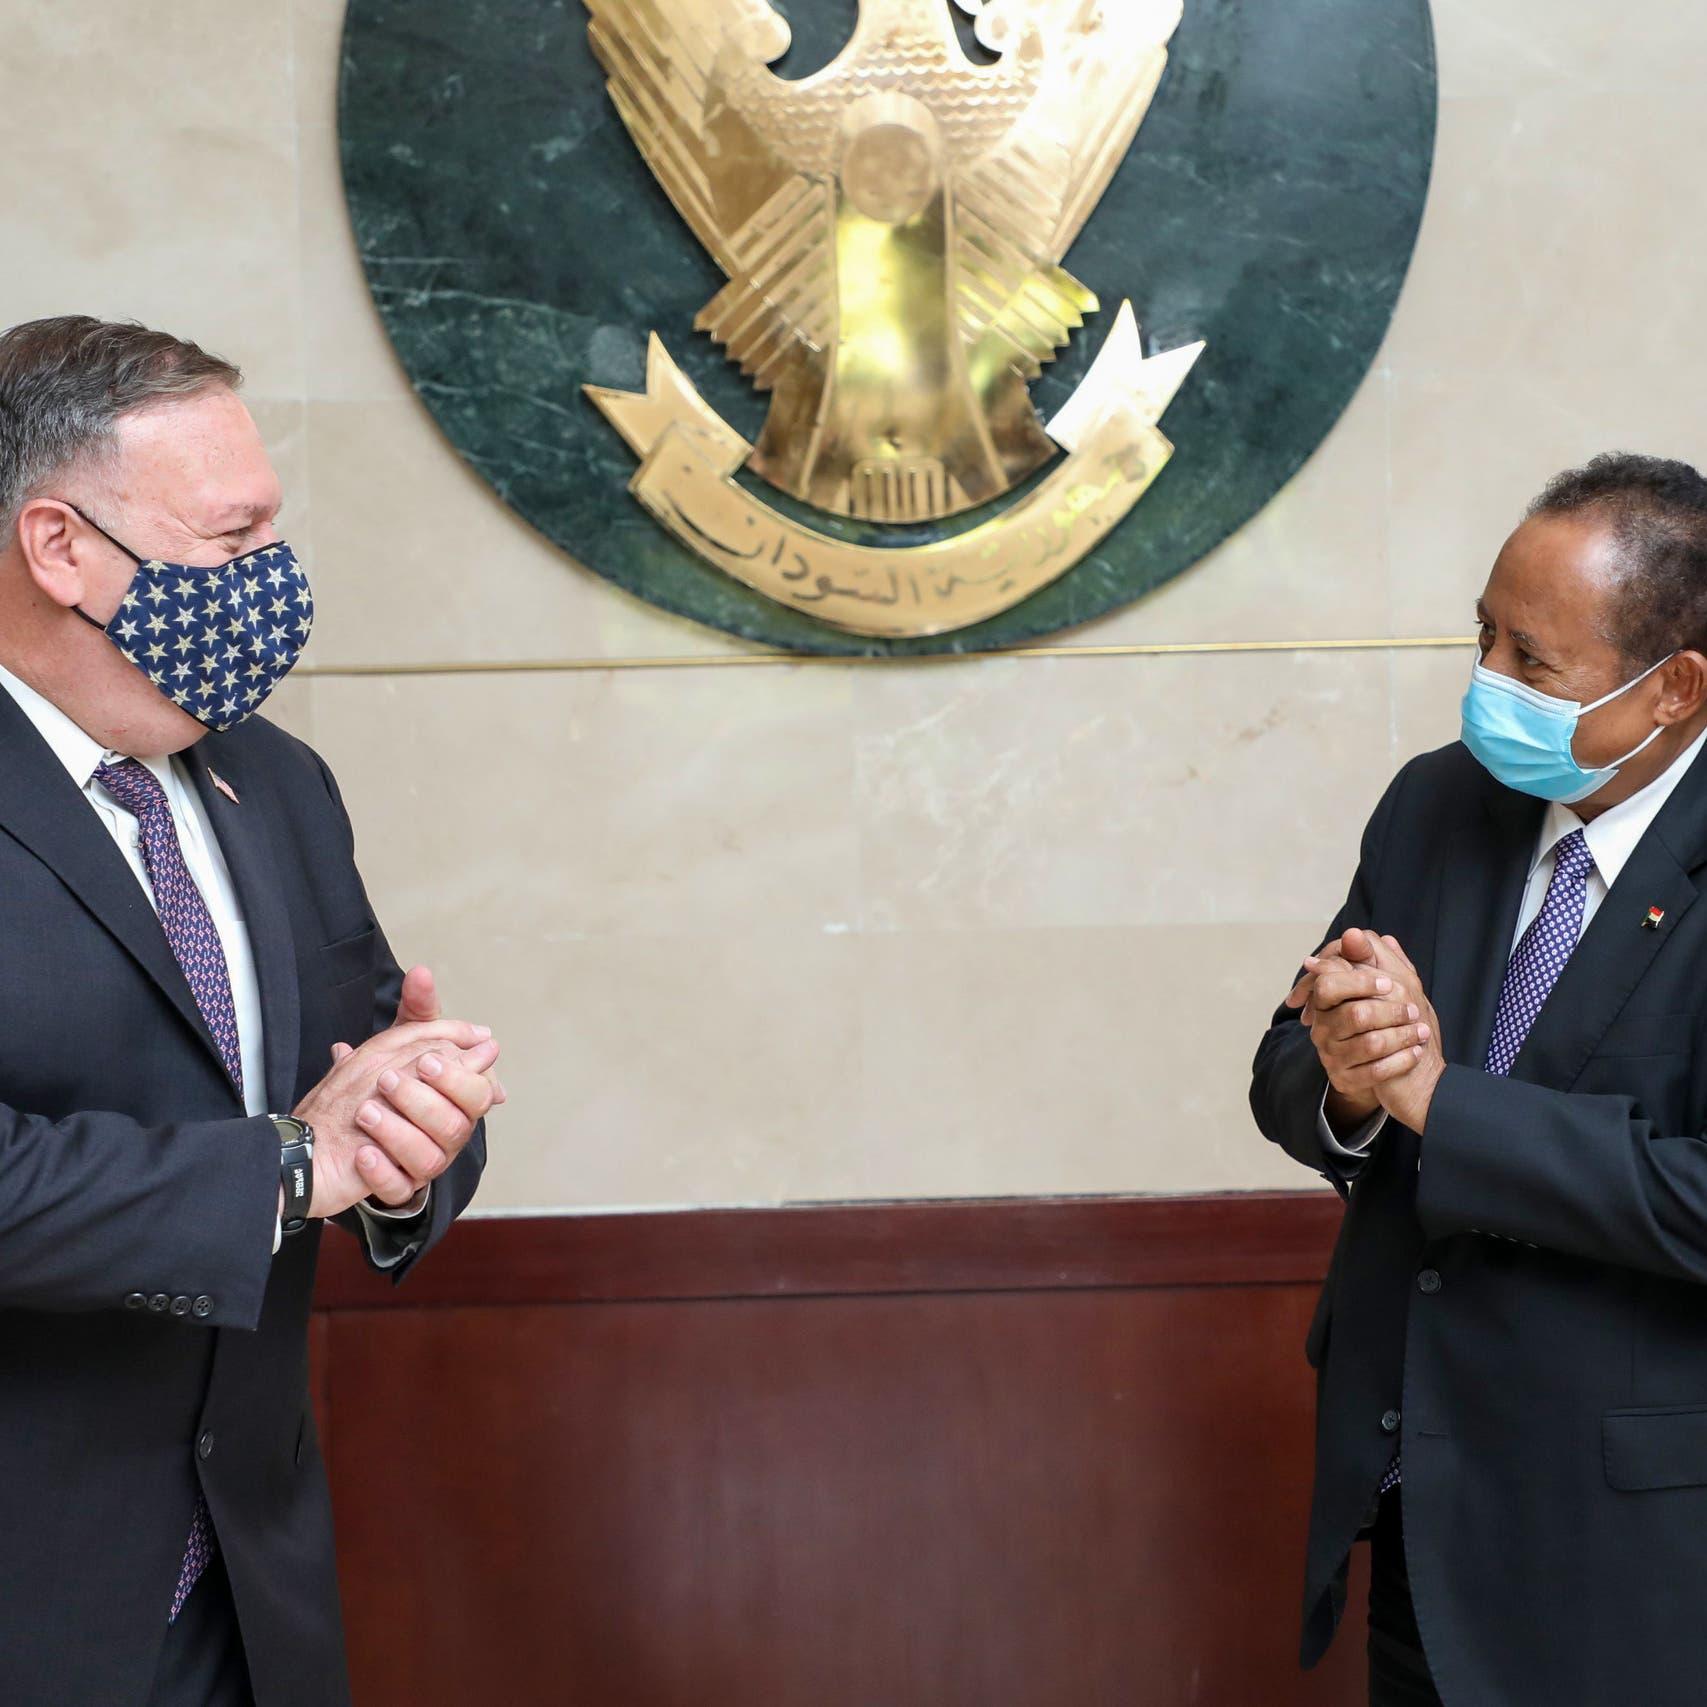 بومبيو يبحث مع حمدوك خطوات رفع السودان من قائمة الإرهاب